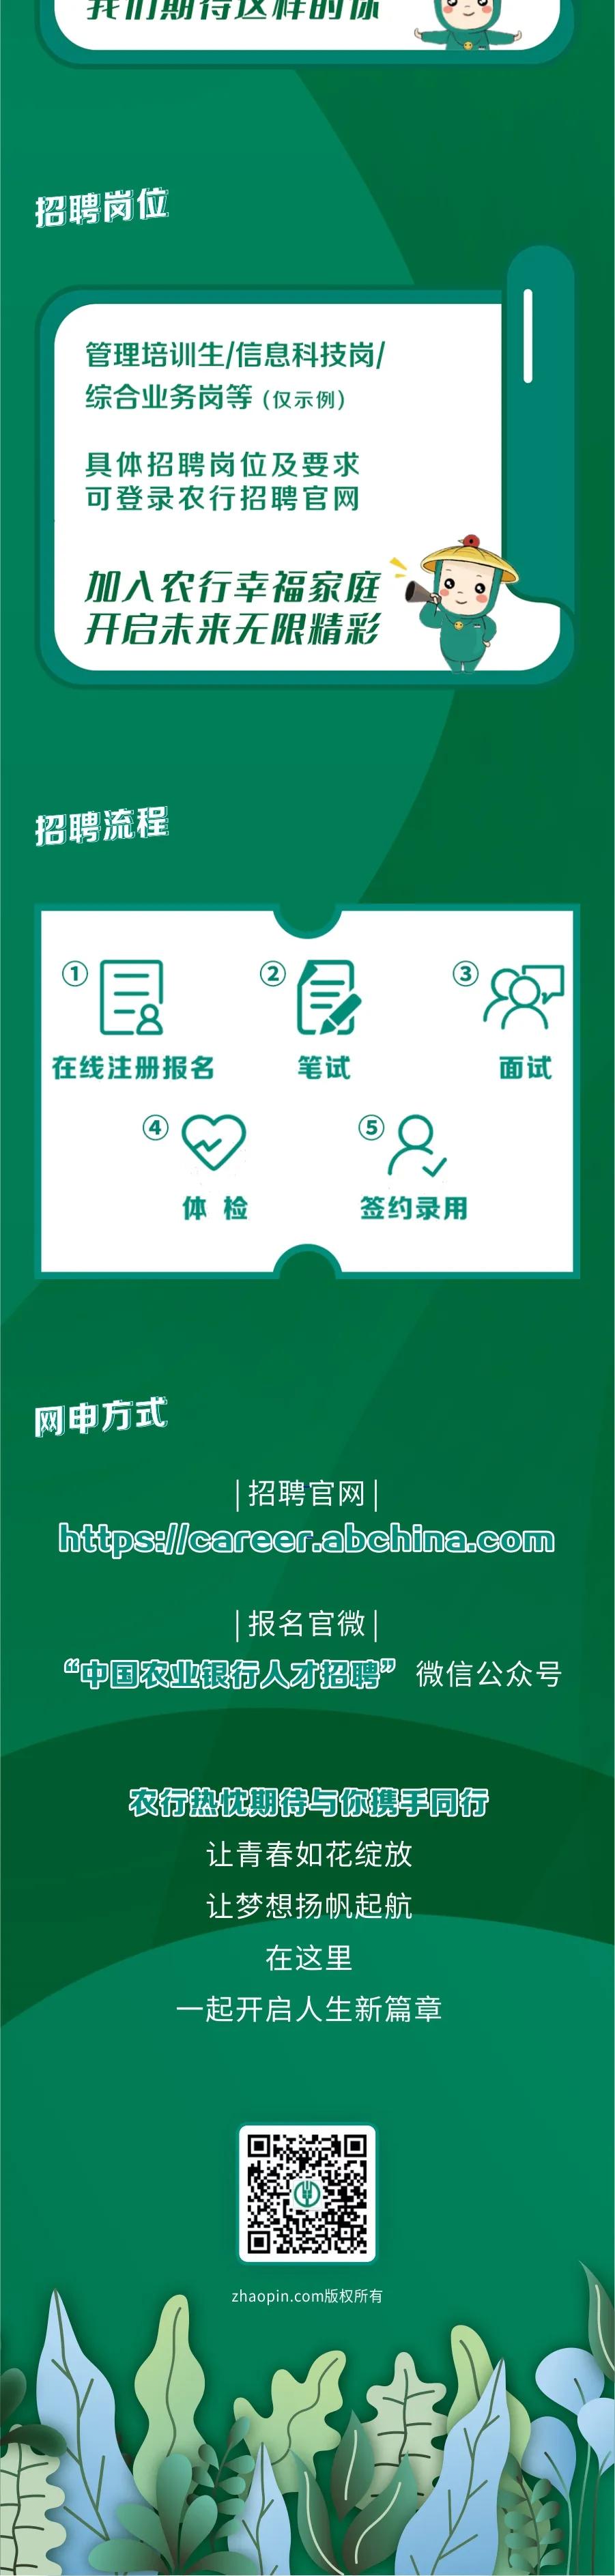 中国农业银行2020春季招聘公告